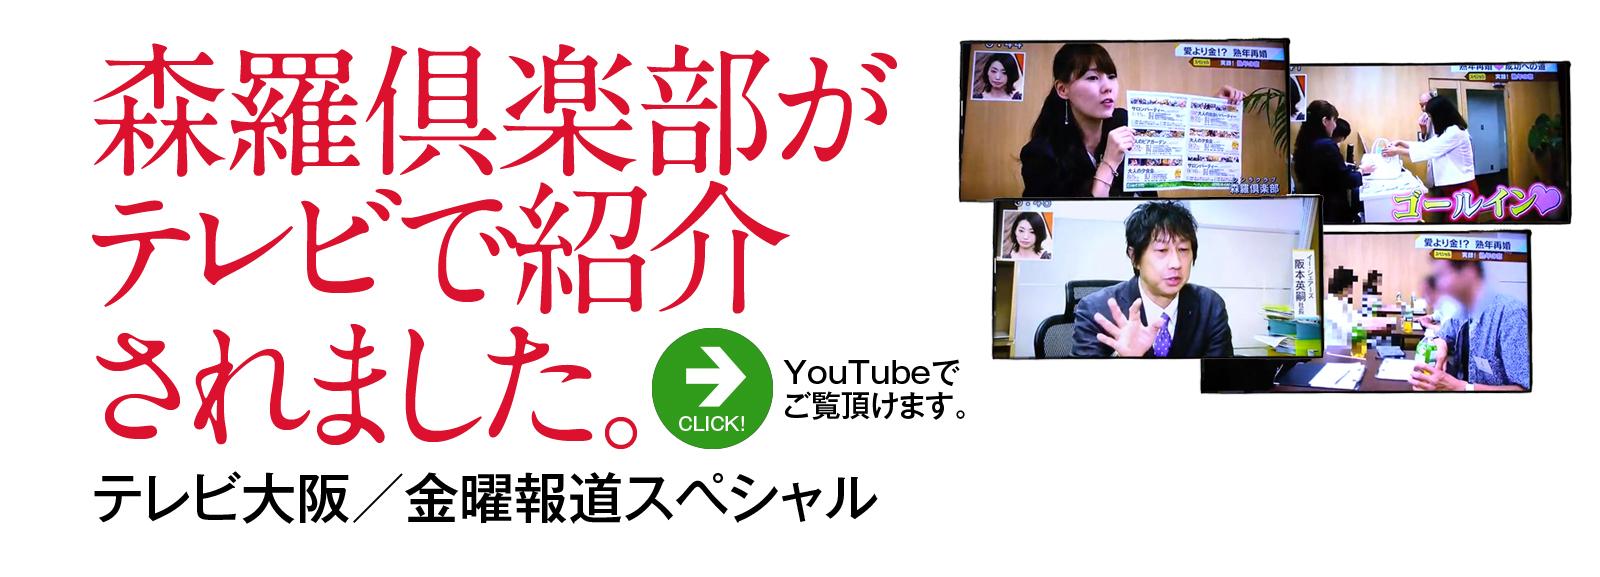 森羅倶楽部がテレビで紹介されました。